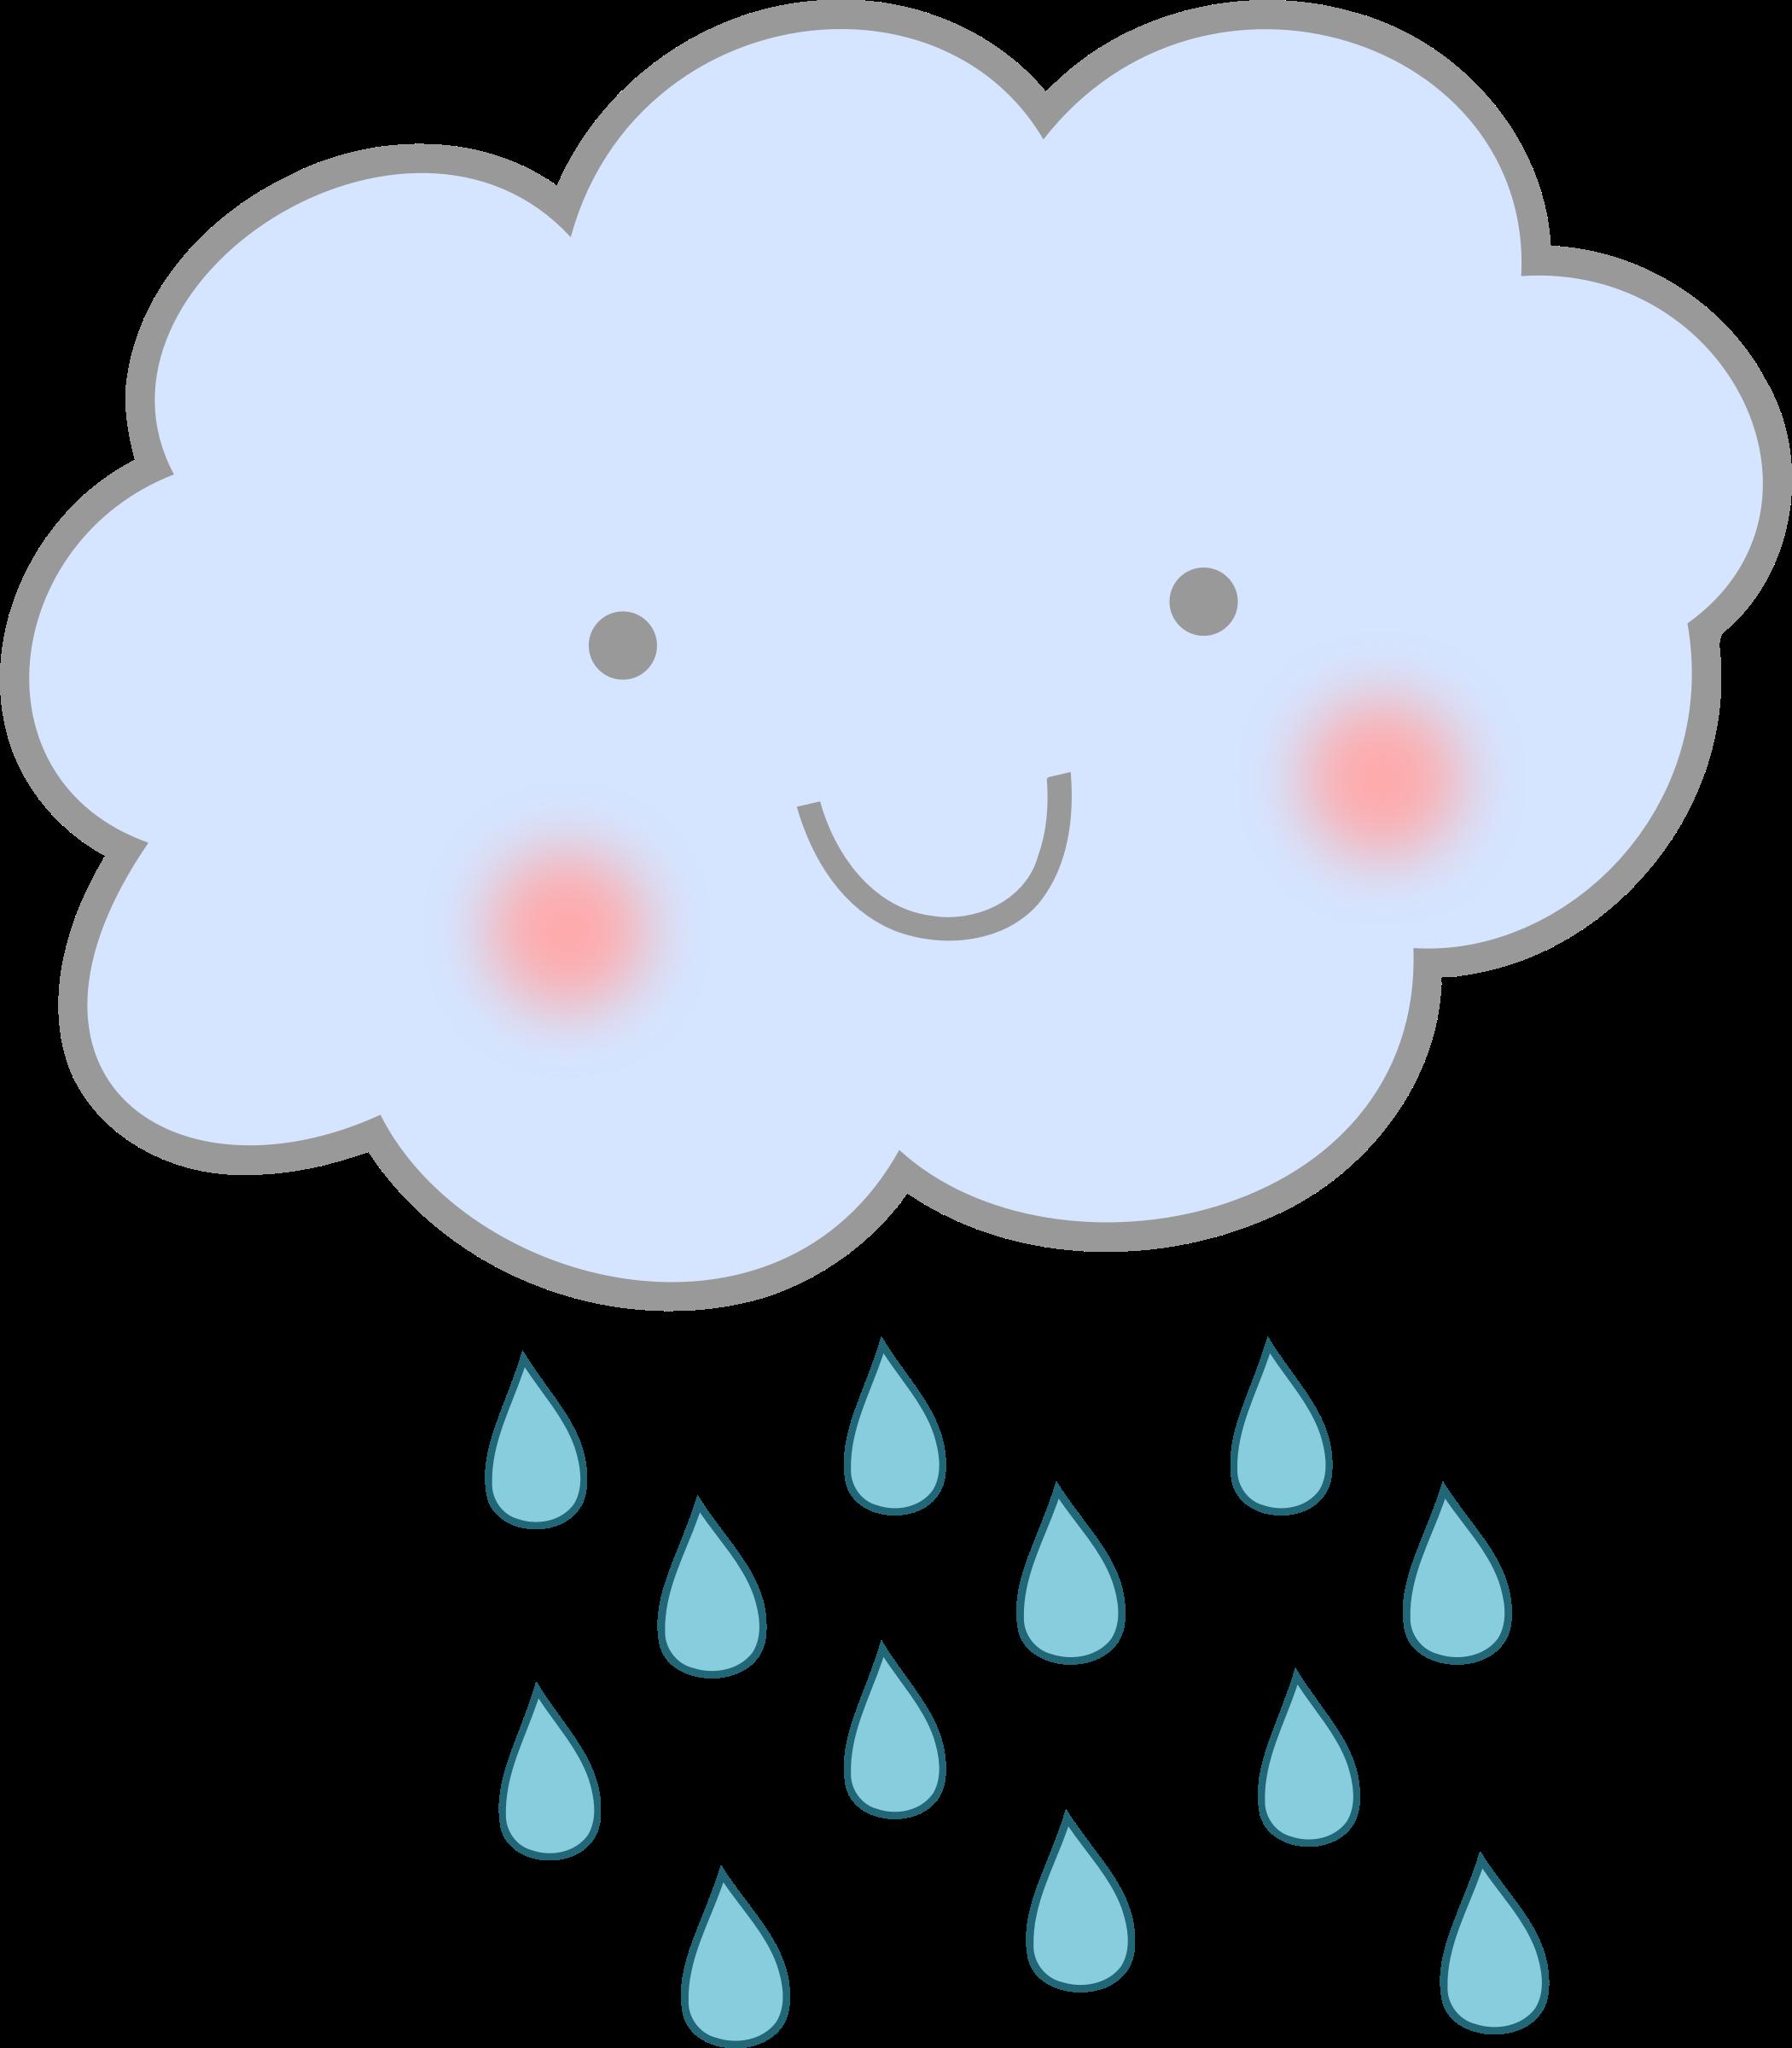 Rain cartoon. Rainfall free download best